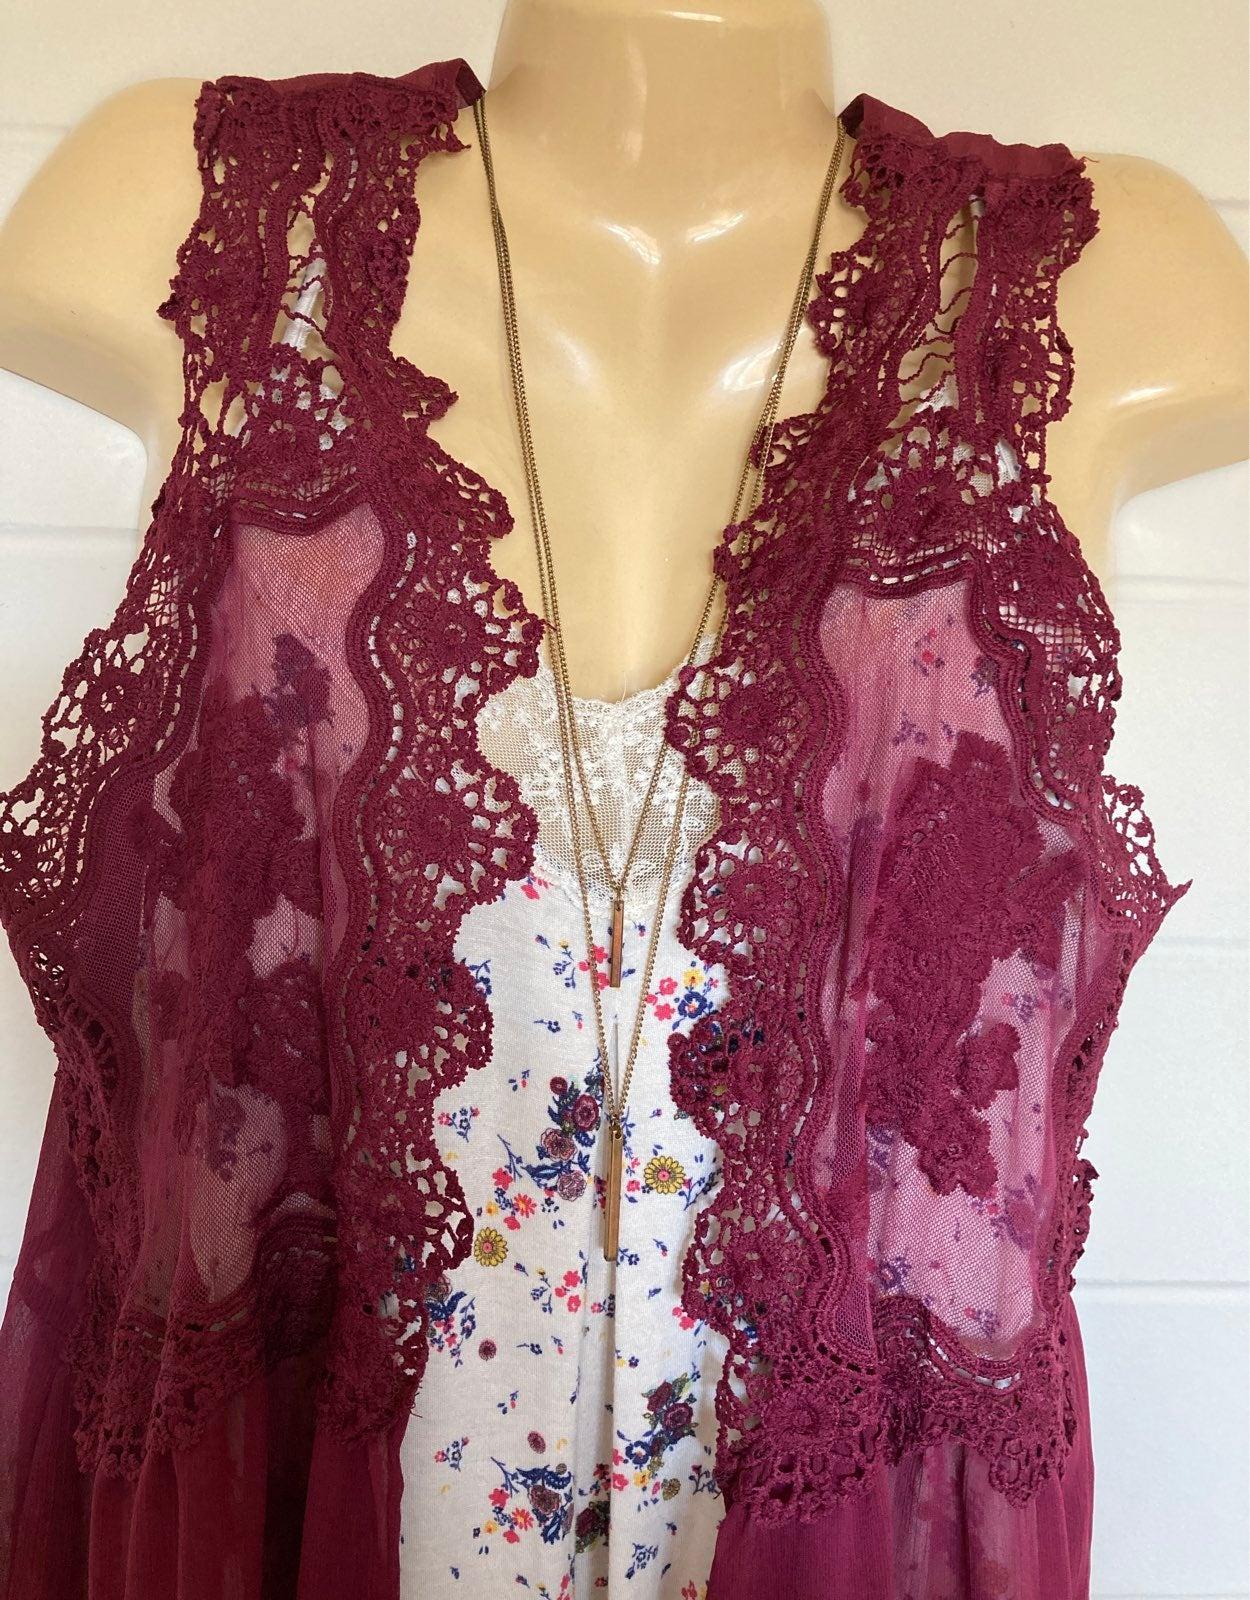 Layered Lace Cami 3 pc. Set XXL